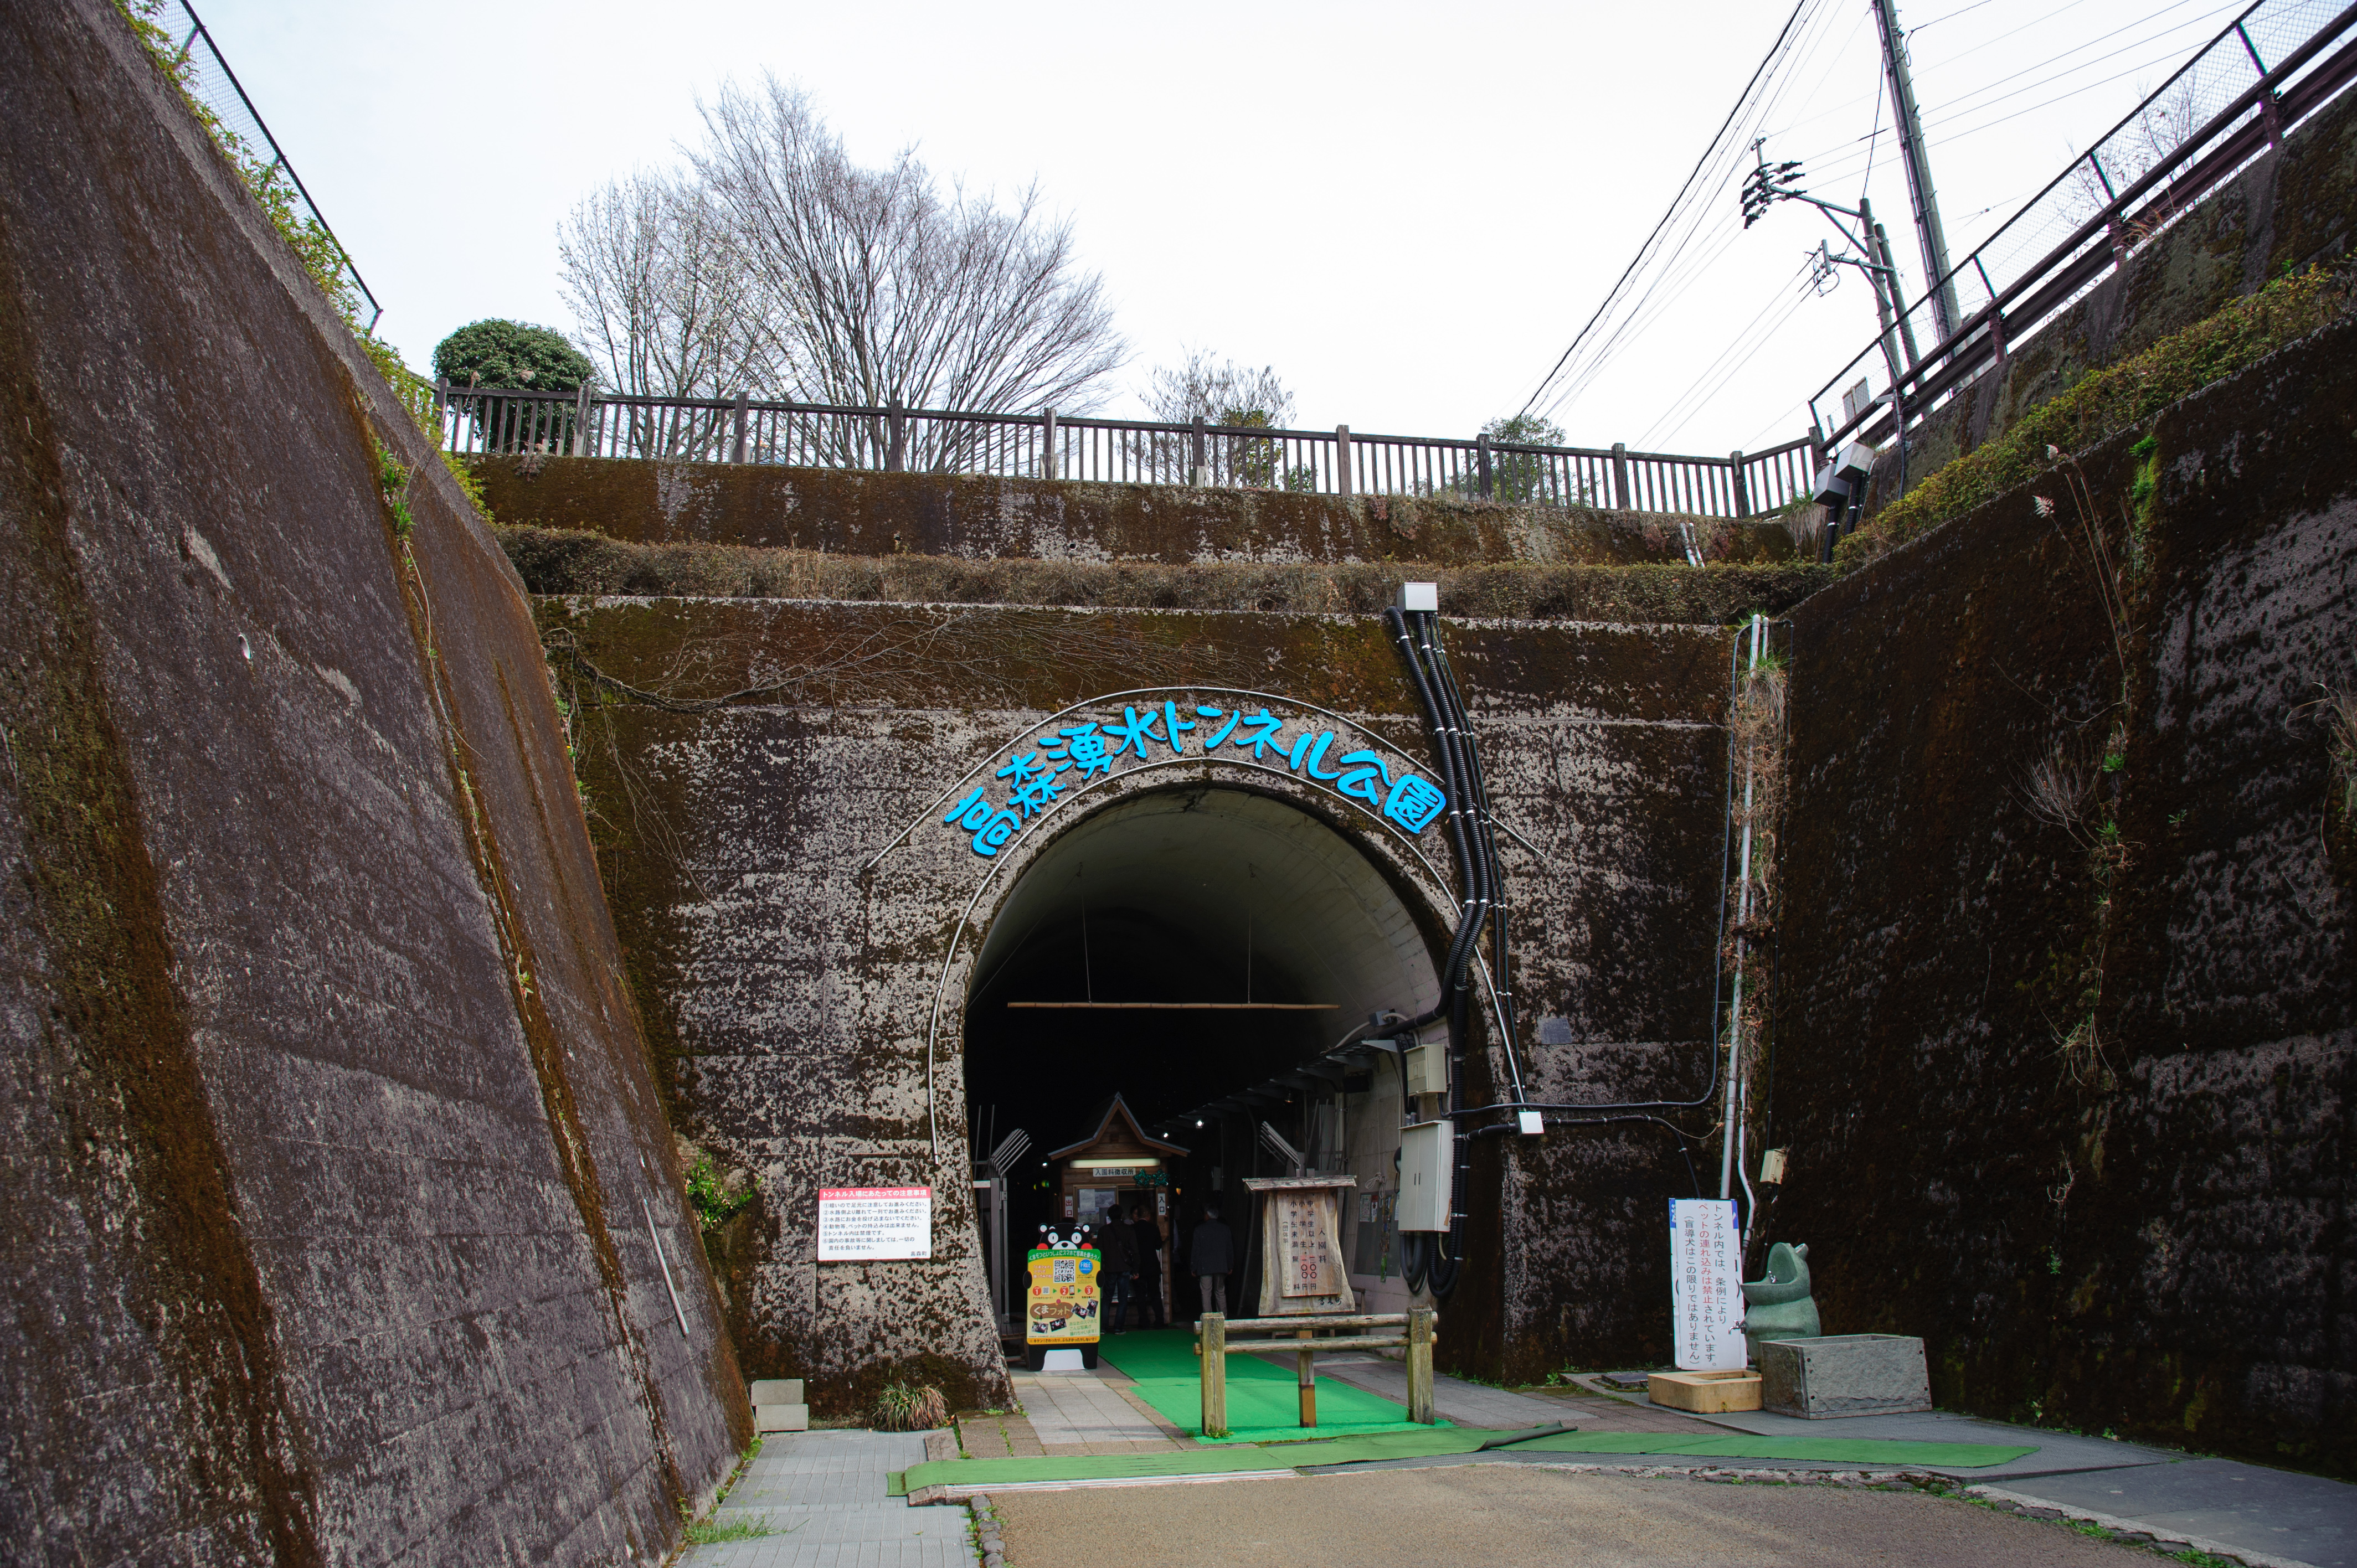 湧水隧道,顾名思义就是一个湧水不断的隧道。